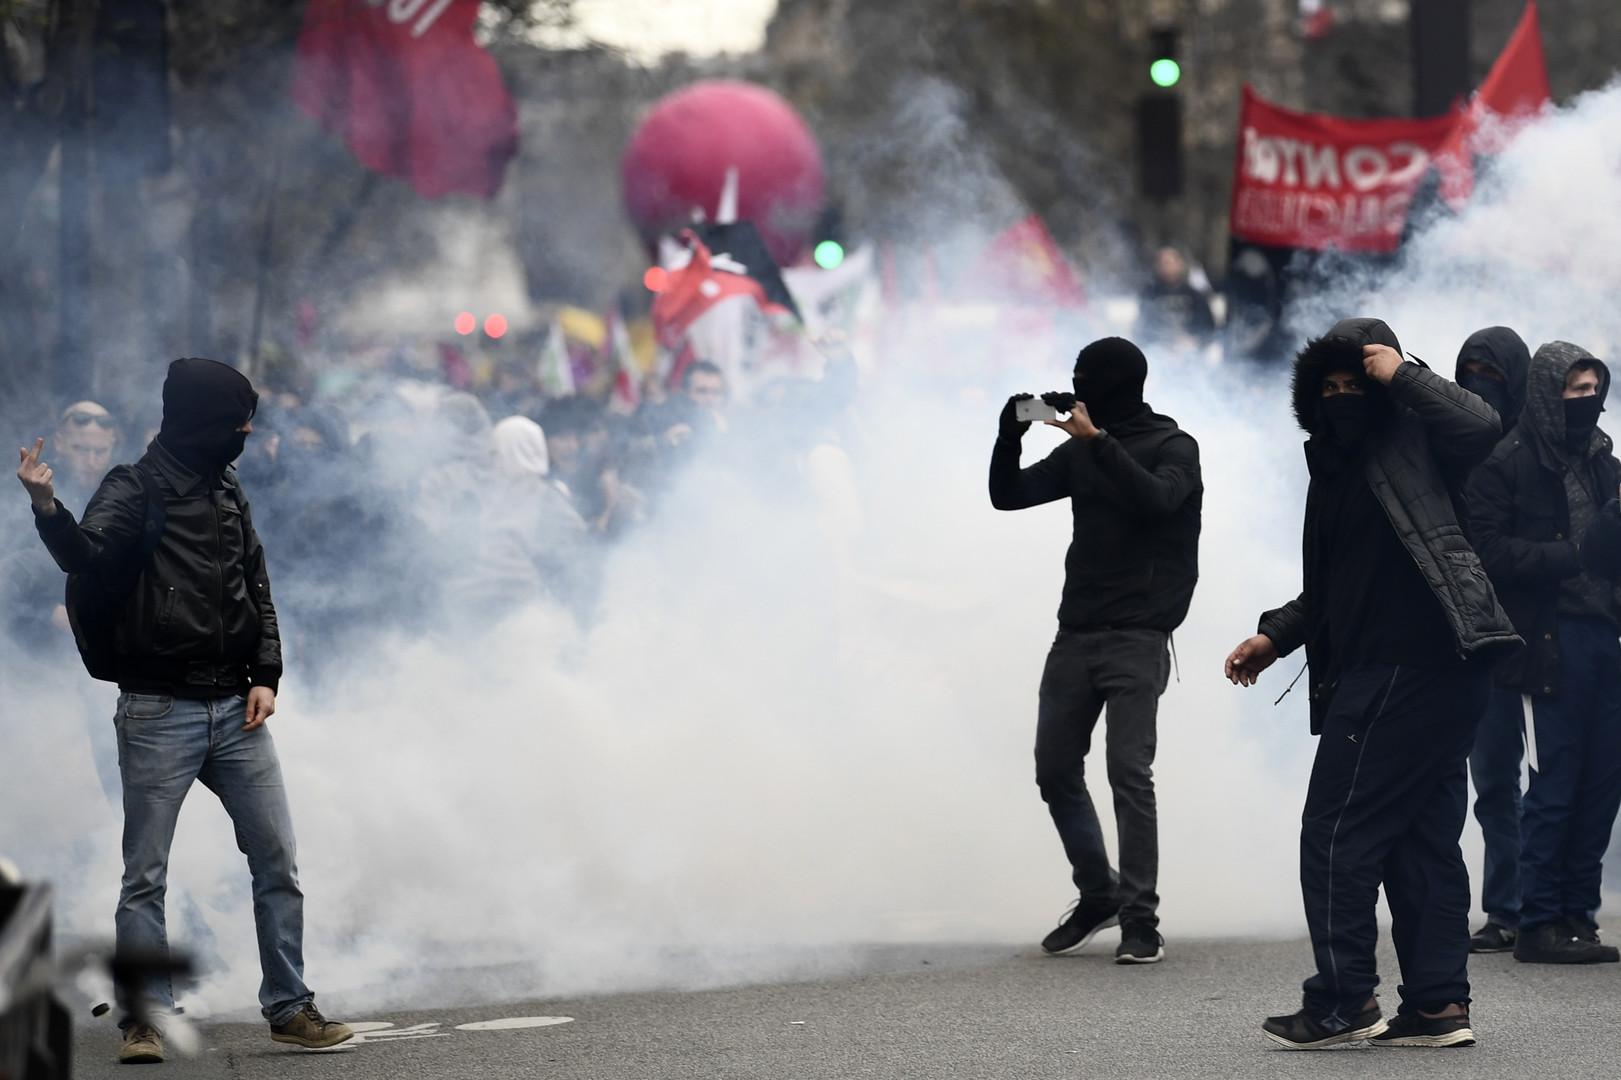 Echauffourées lors de la marche contre les violences policières à Paris (IMAGES)